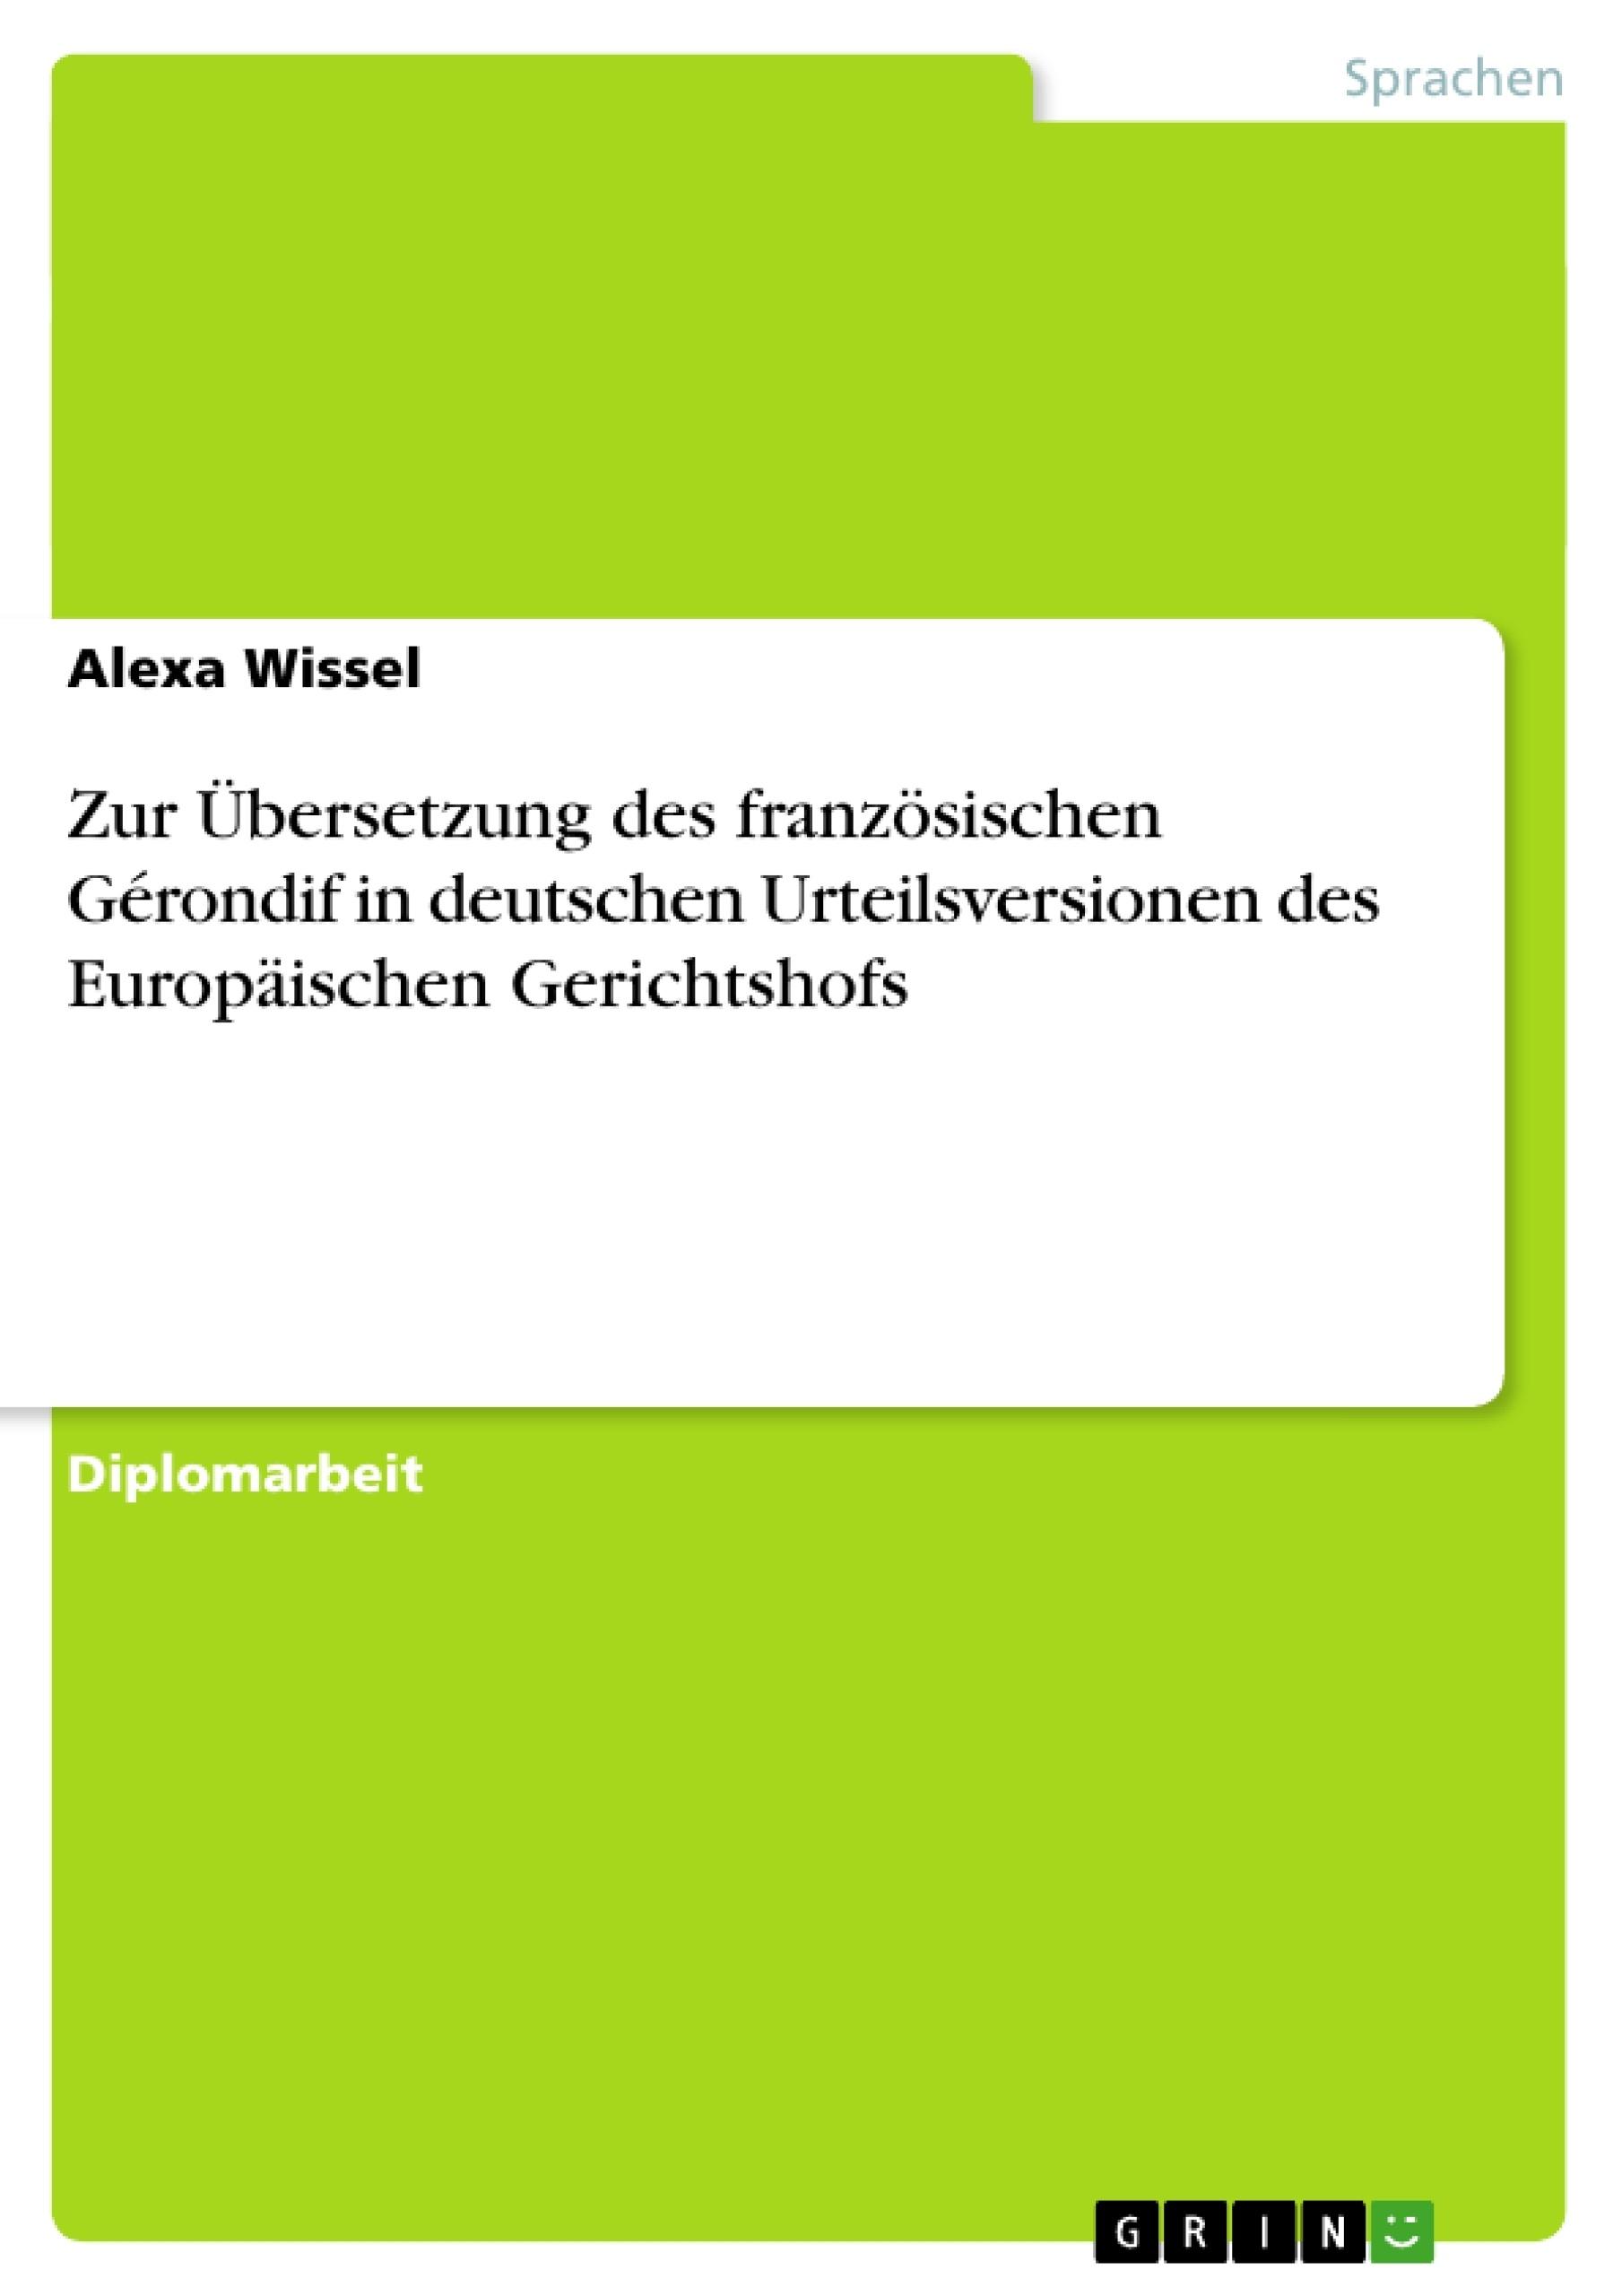 Titel: Zur Übersetzung des französischen Gérondif in deutschen Urteilsversionen des Europäischen Gerichtshofs